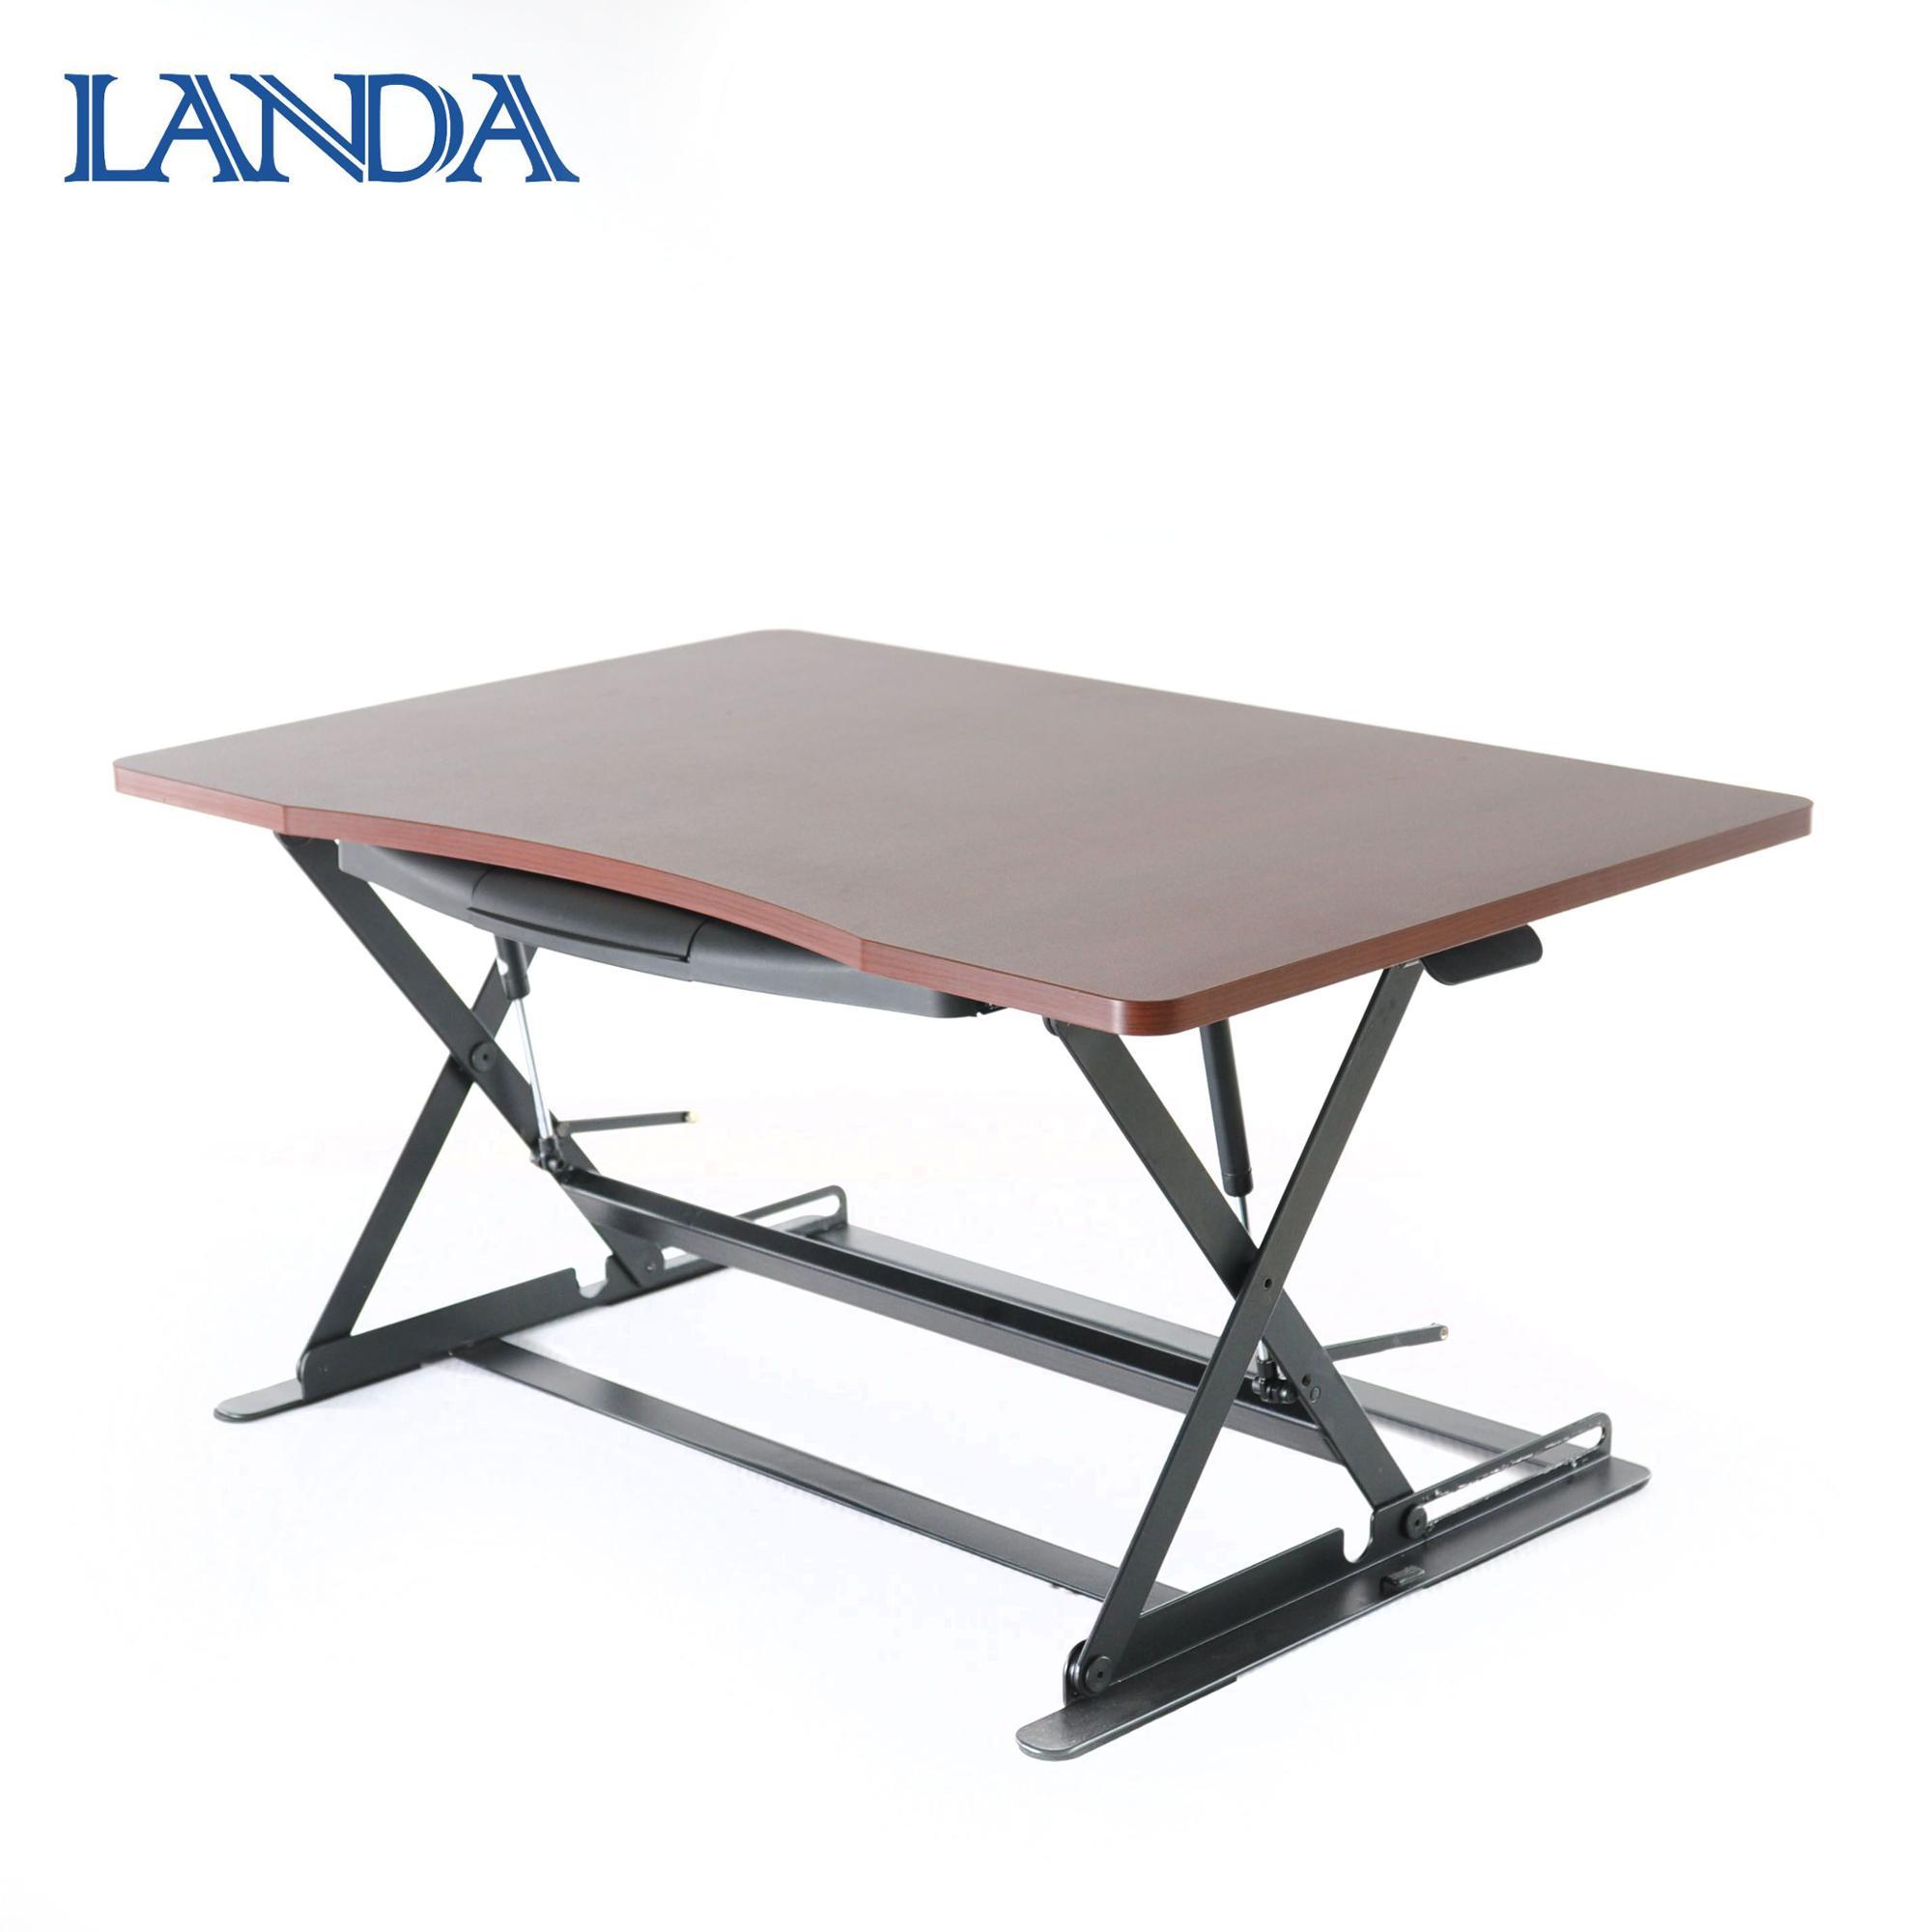 인체 공학적 안티 피로 바닥 매트 앉아 스탠드 책상 책상 높이 조절 책상